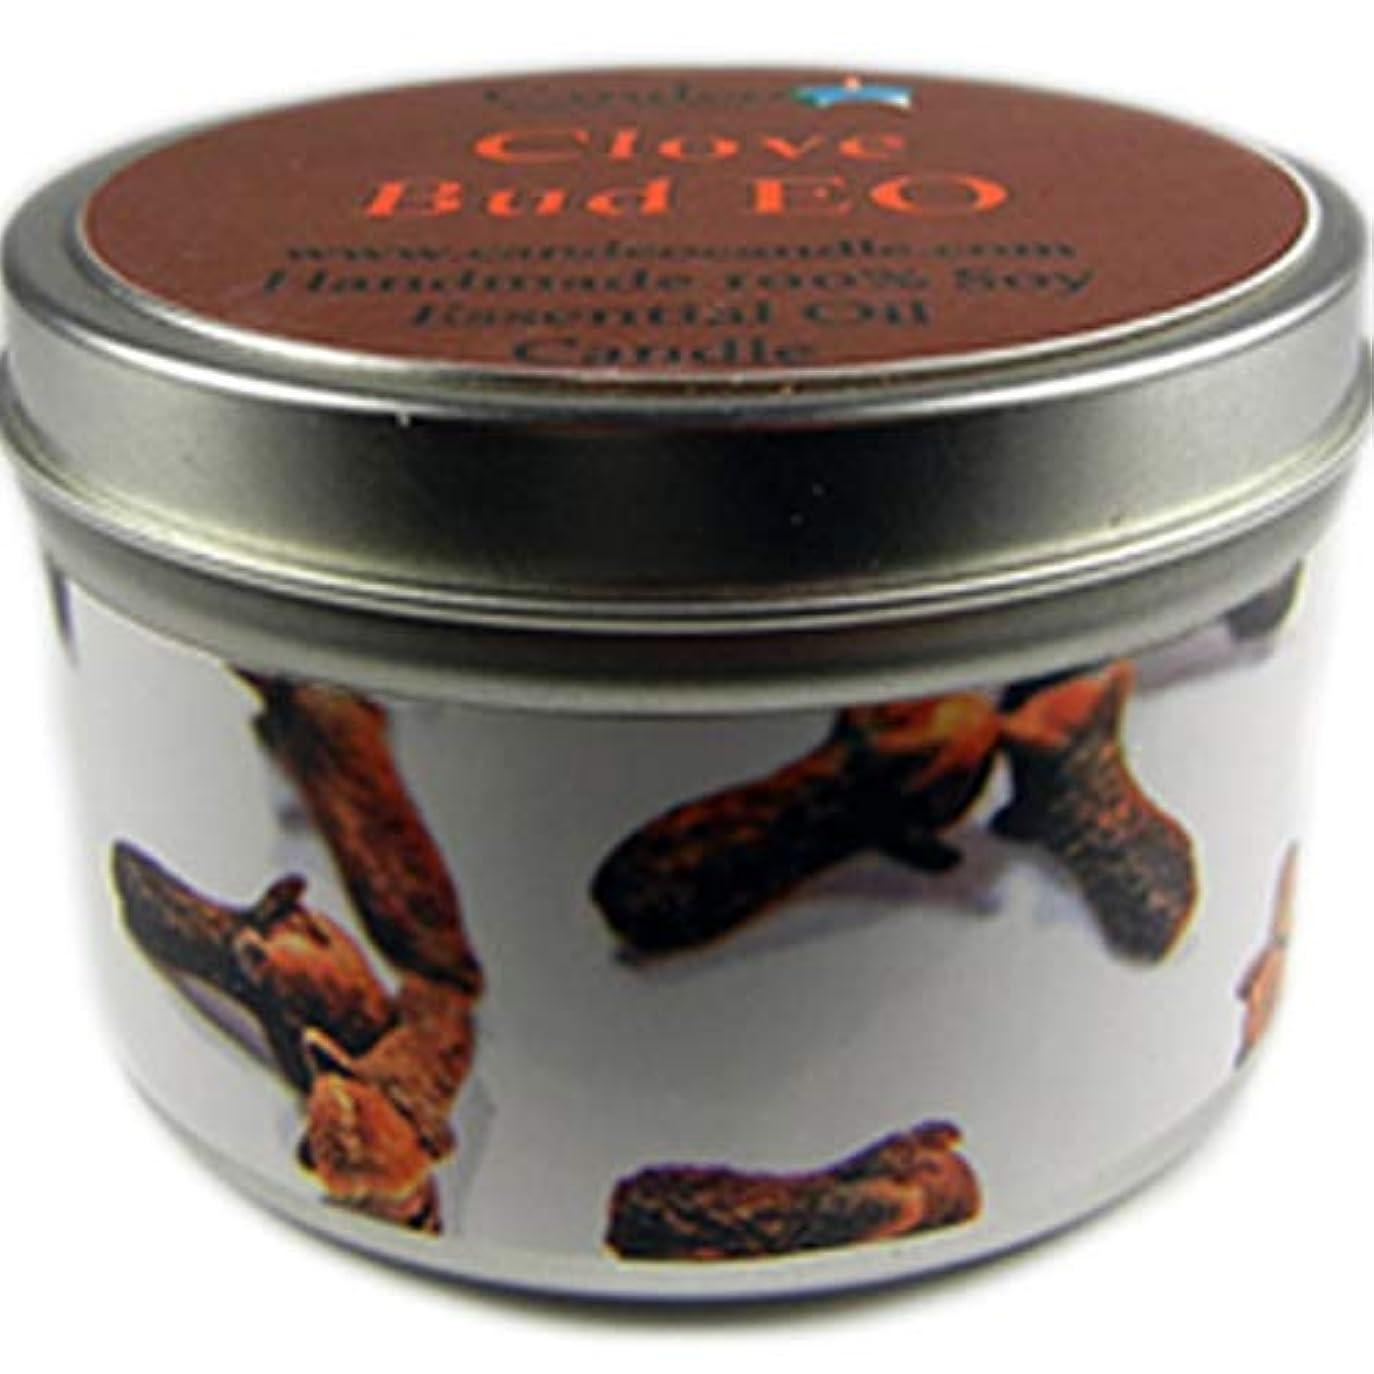 異邦人疑問を超えて荒涼としたClove Bud、スーパー香りつきSoy Candle Tin 6oz ホワイト 3880